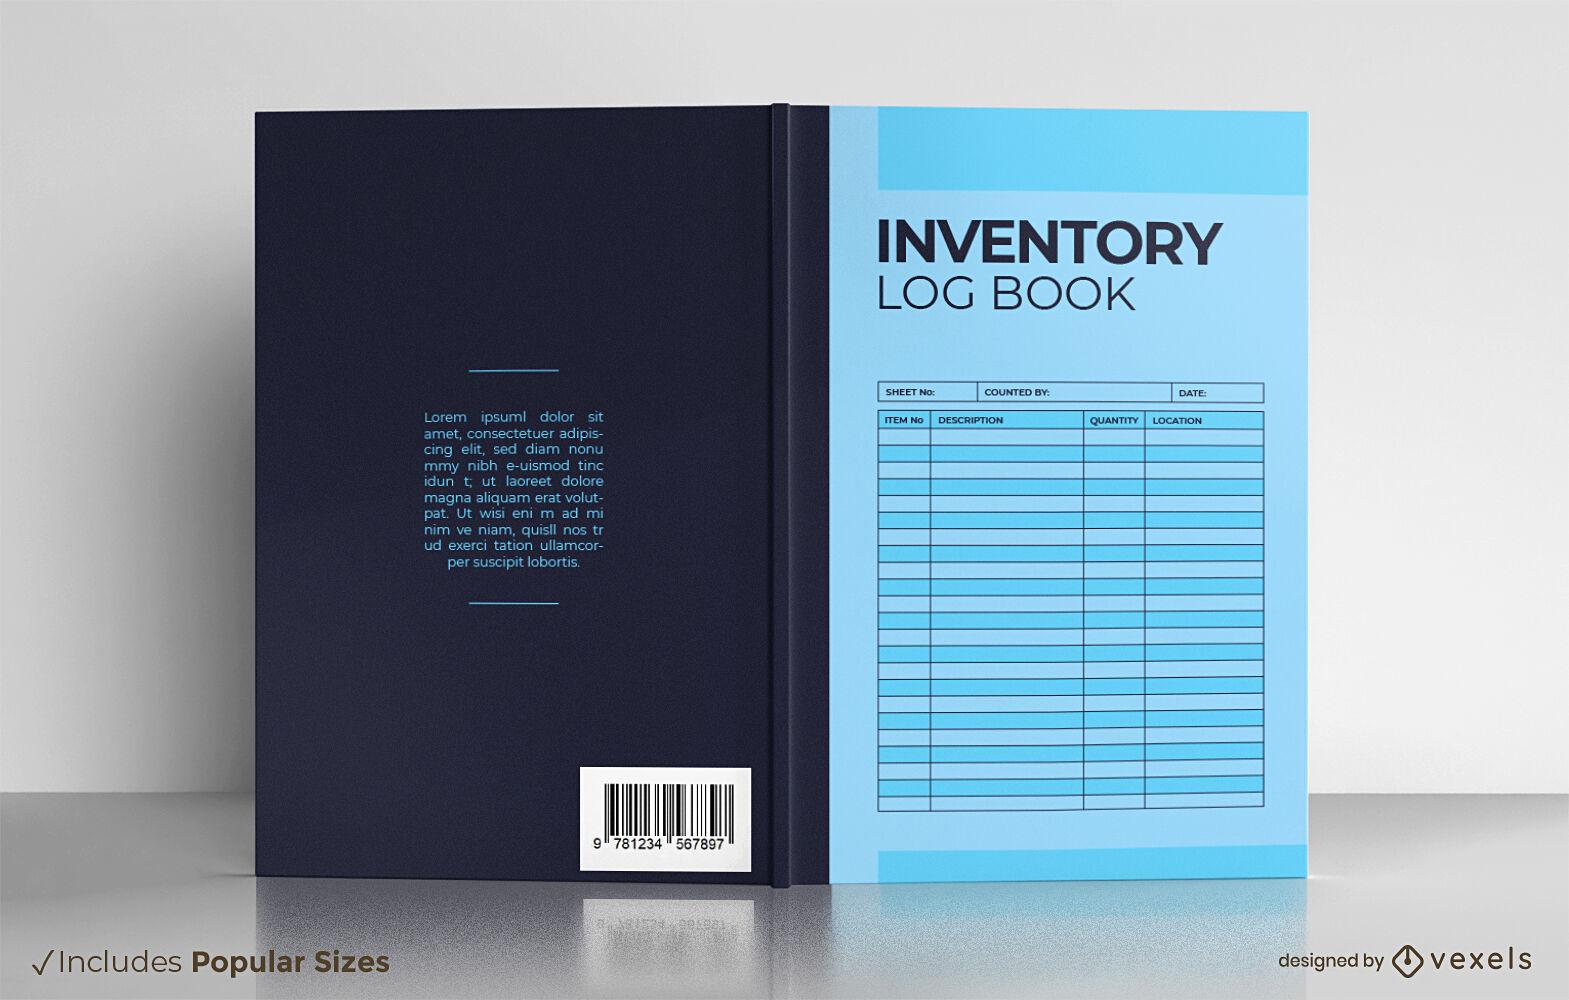 Inventory log book cover design